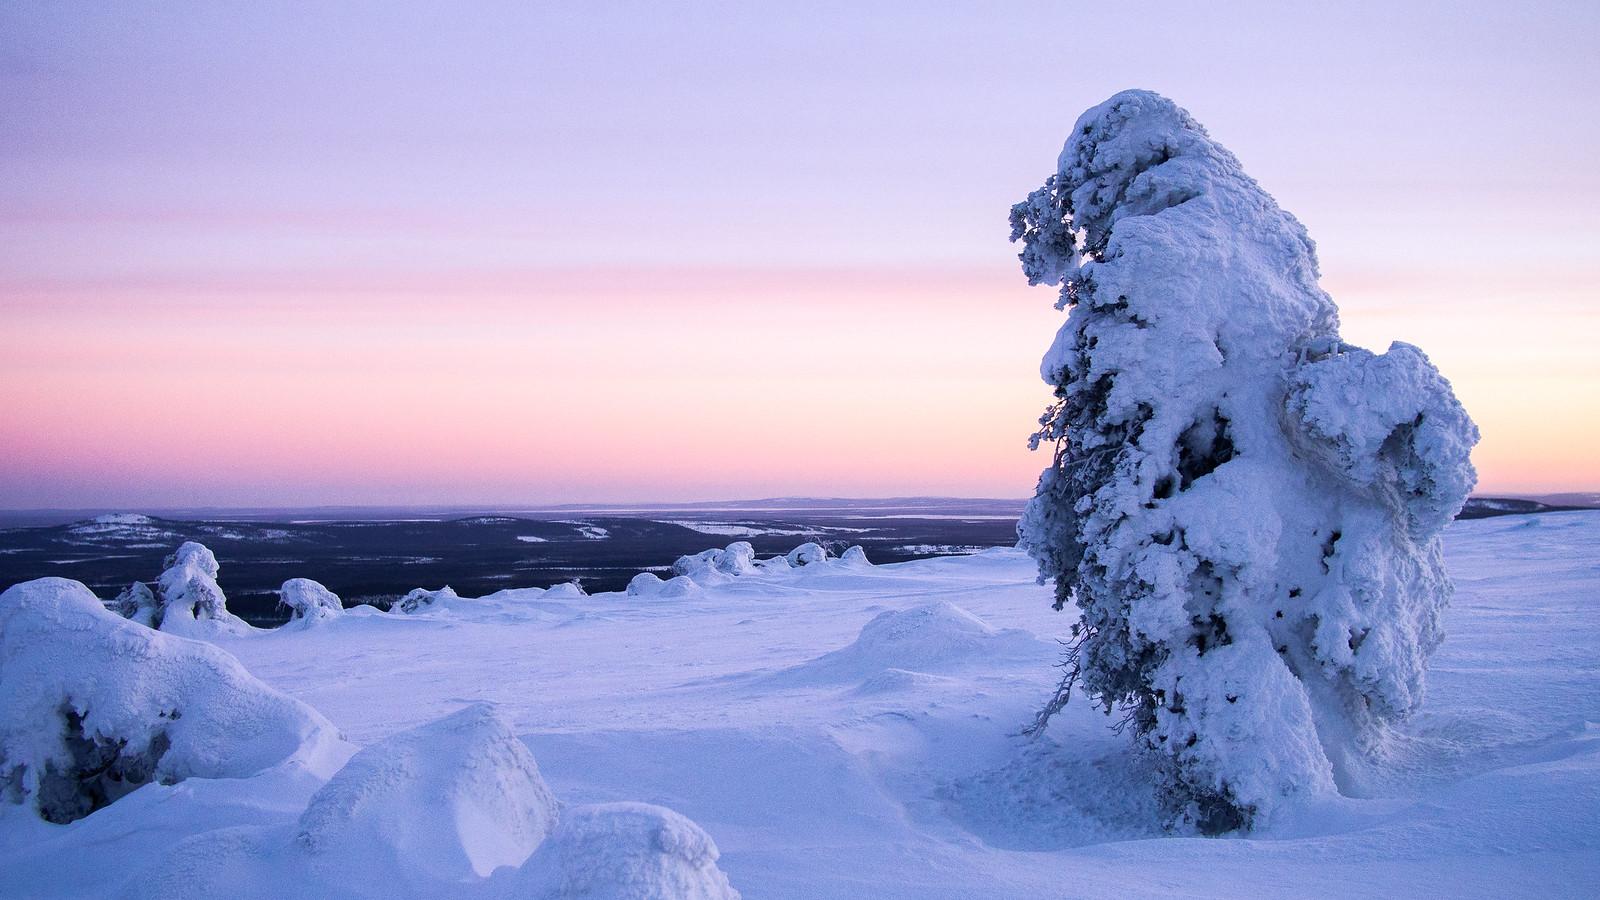 Pakkanen, hanki ja sukset ovat talven ykkösasioita